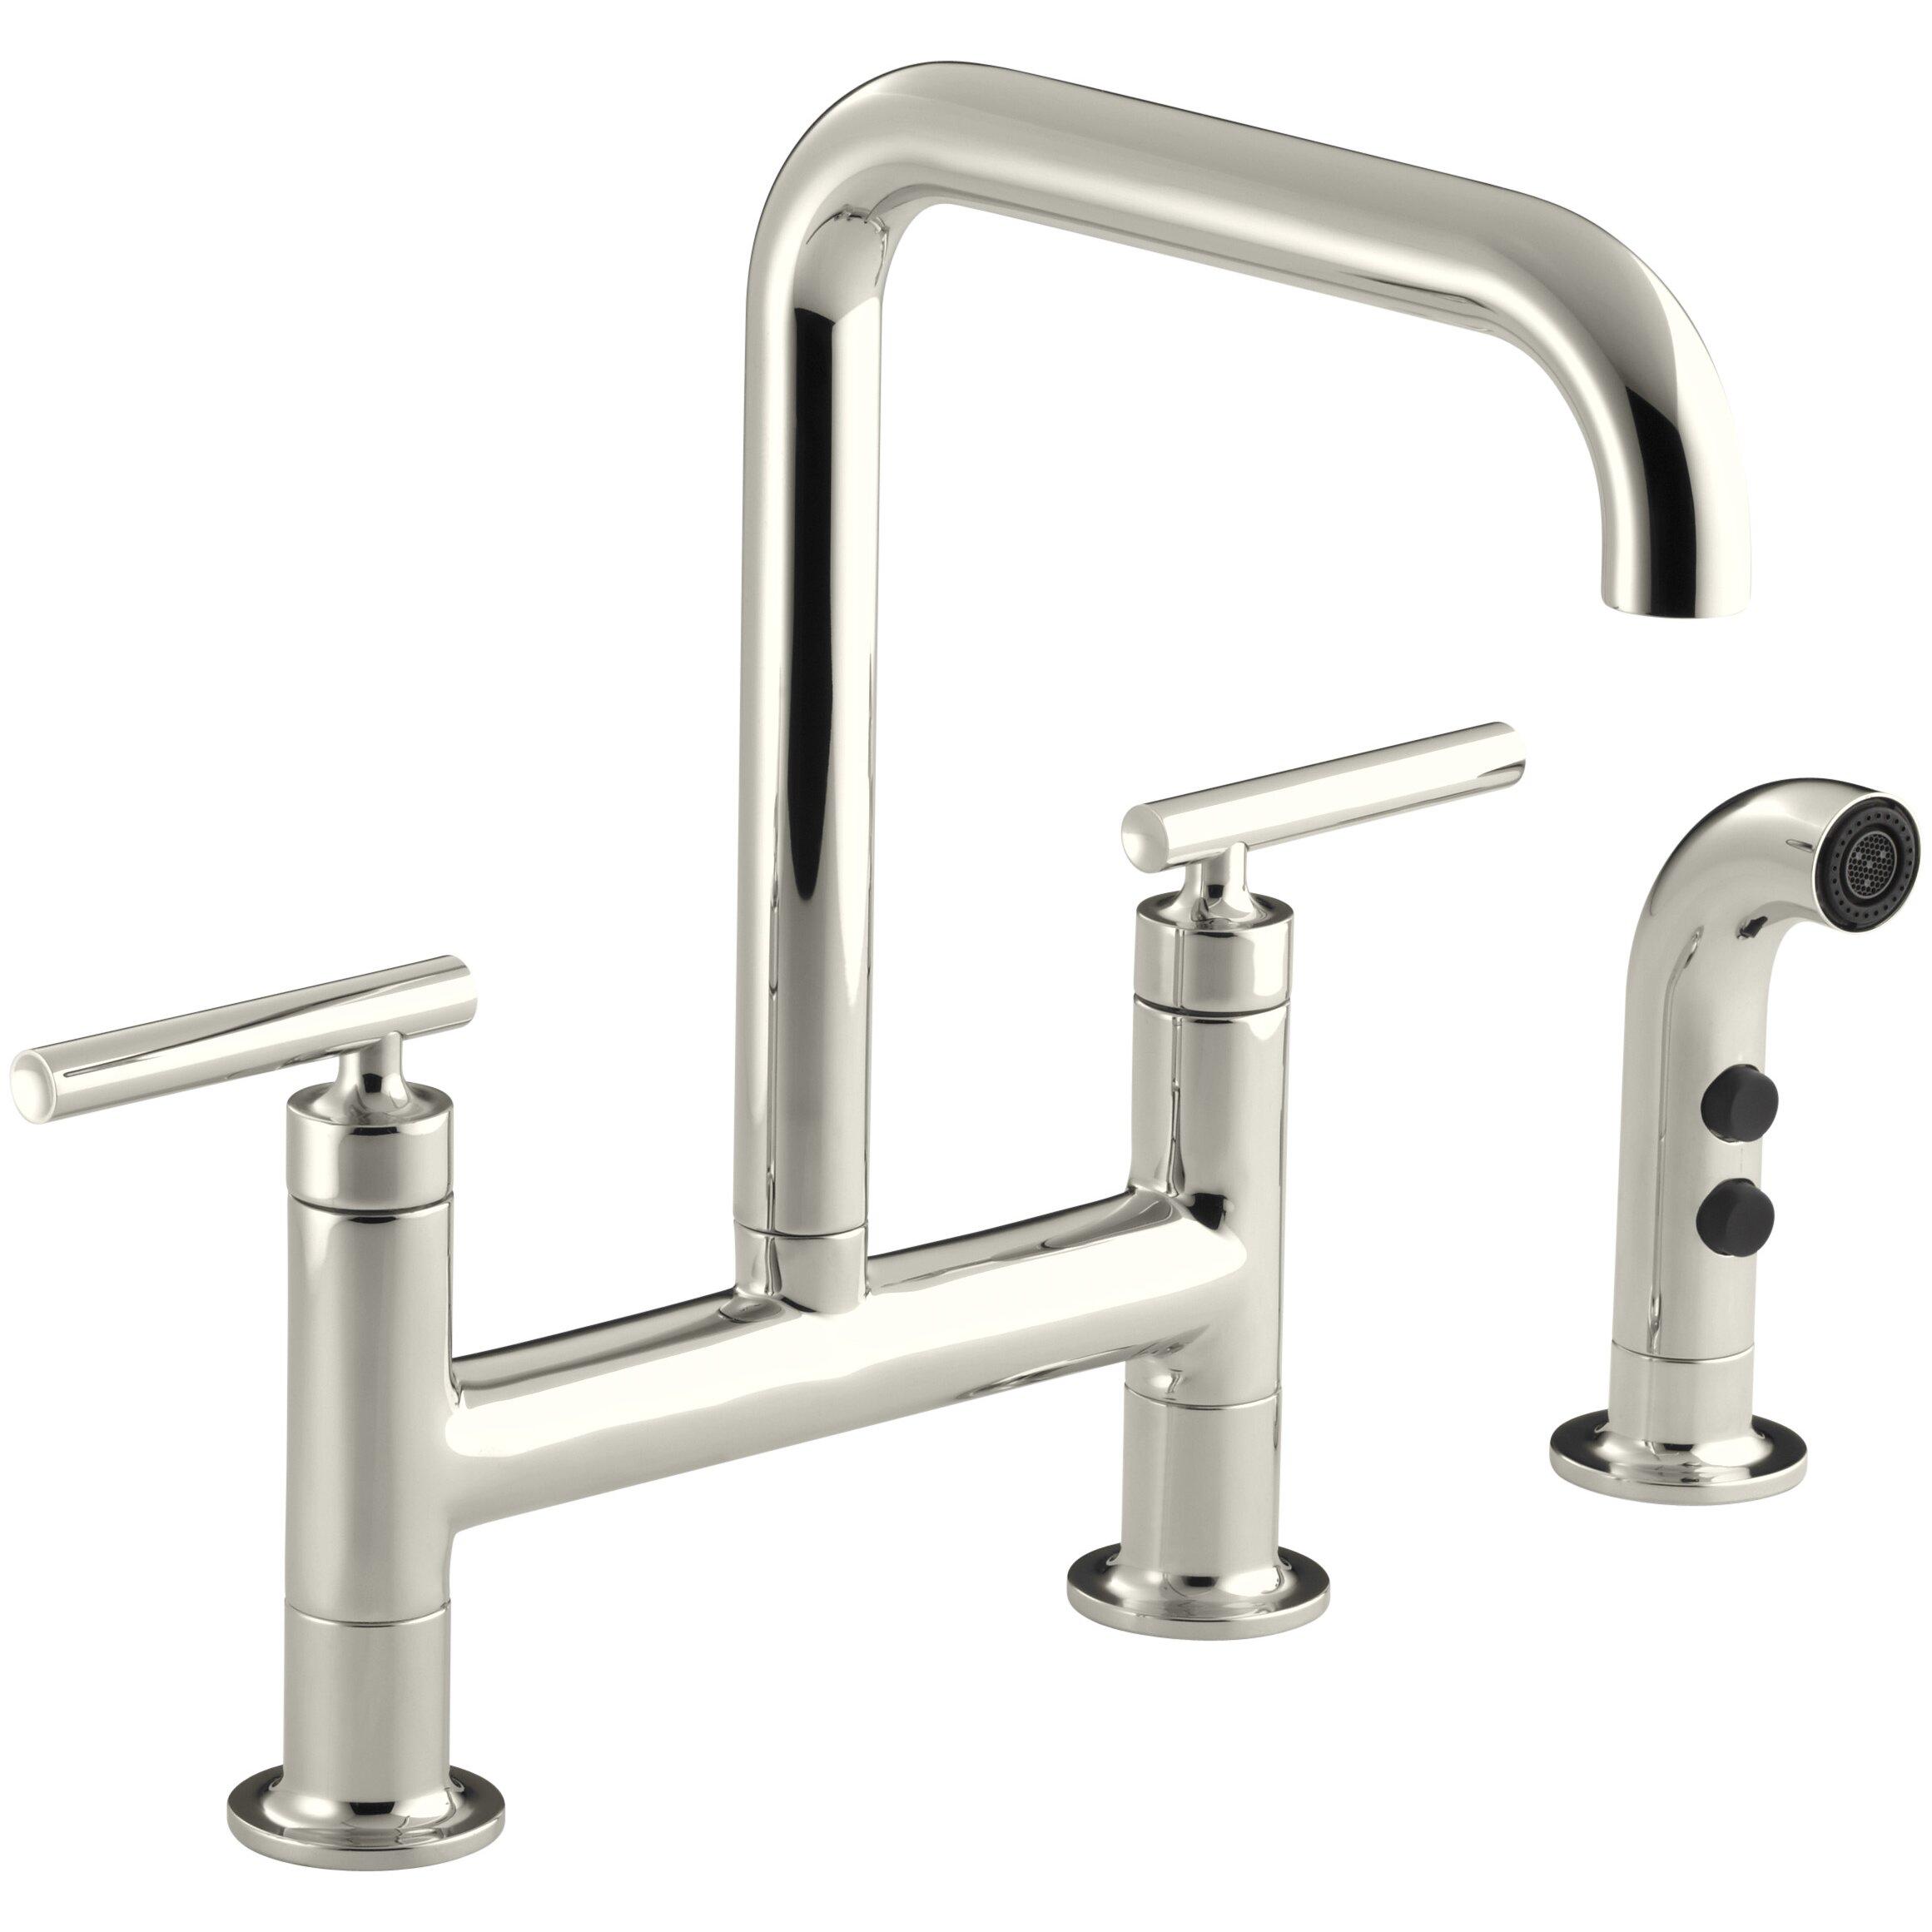 Deck Mount Bridge Kitchen Faucet